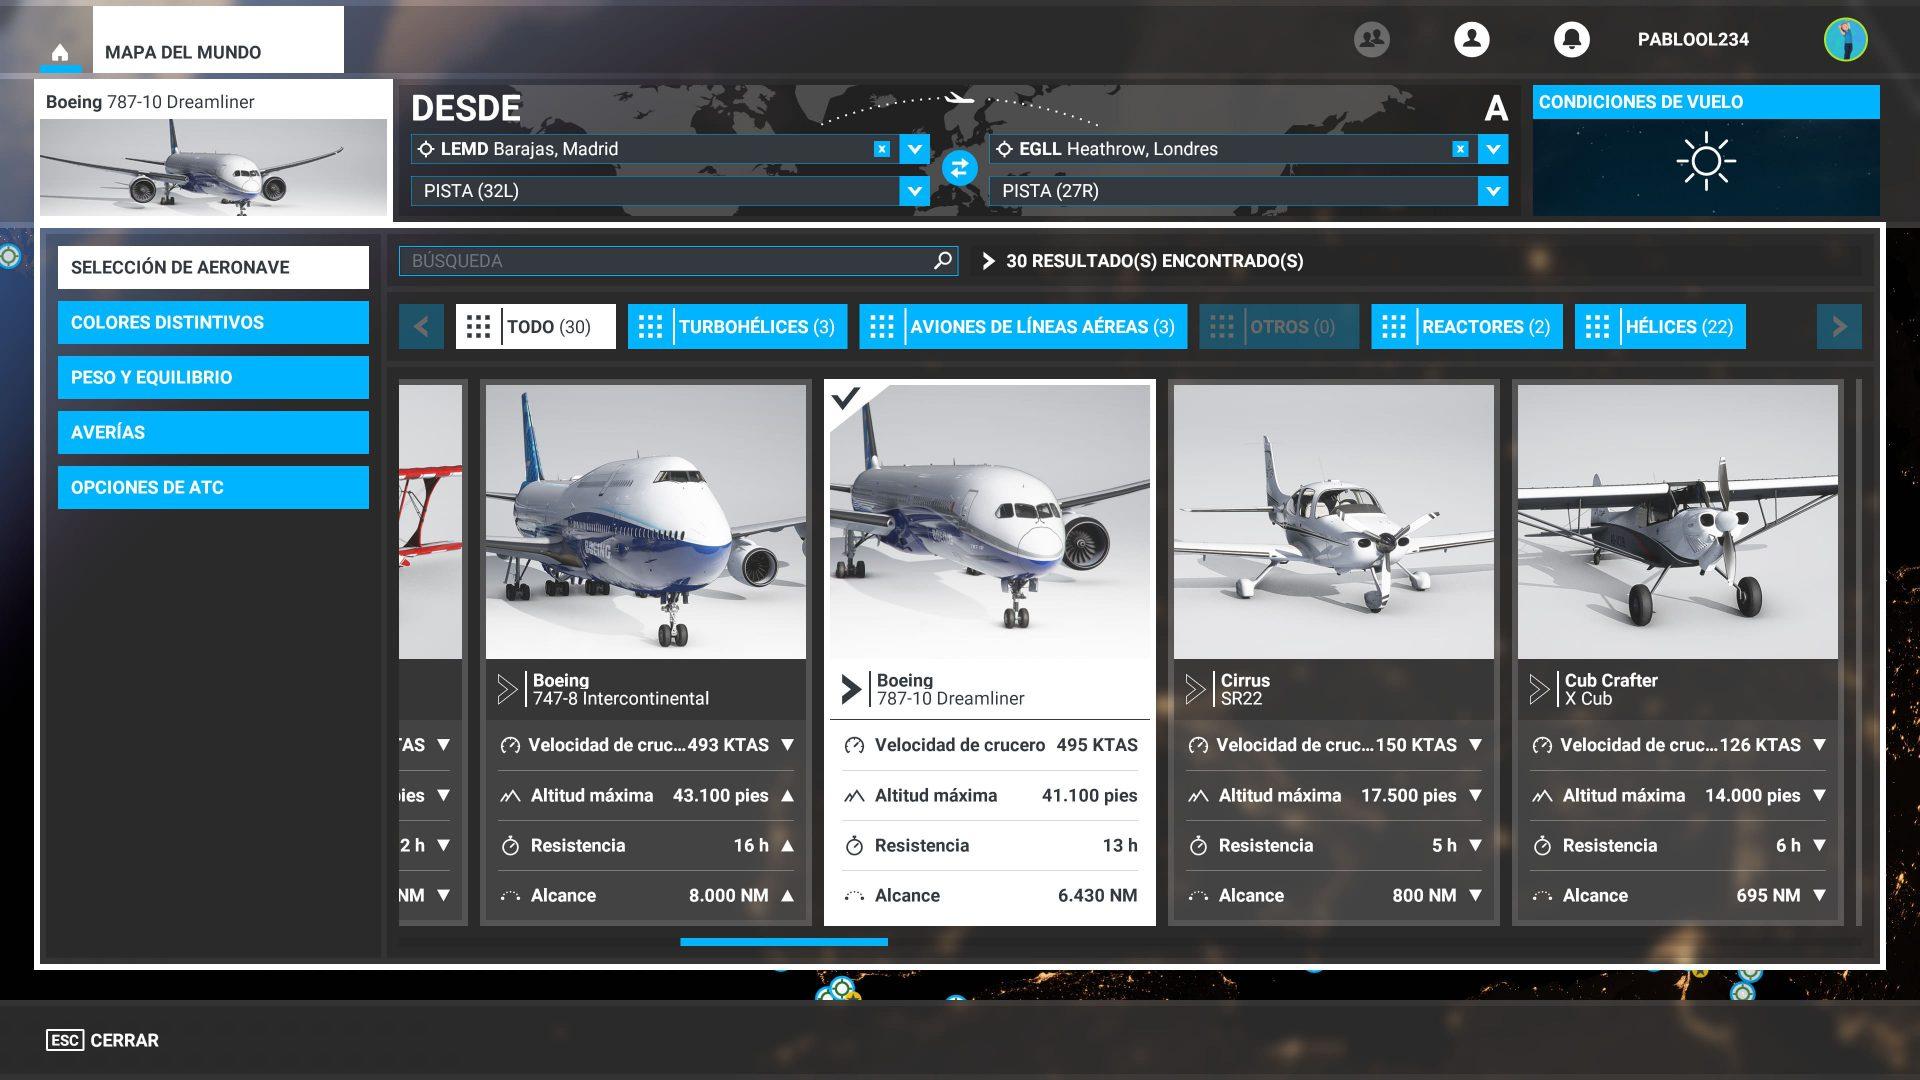 Selección de avión de Microsoft Flight Simulator